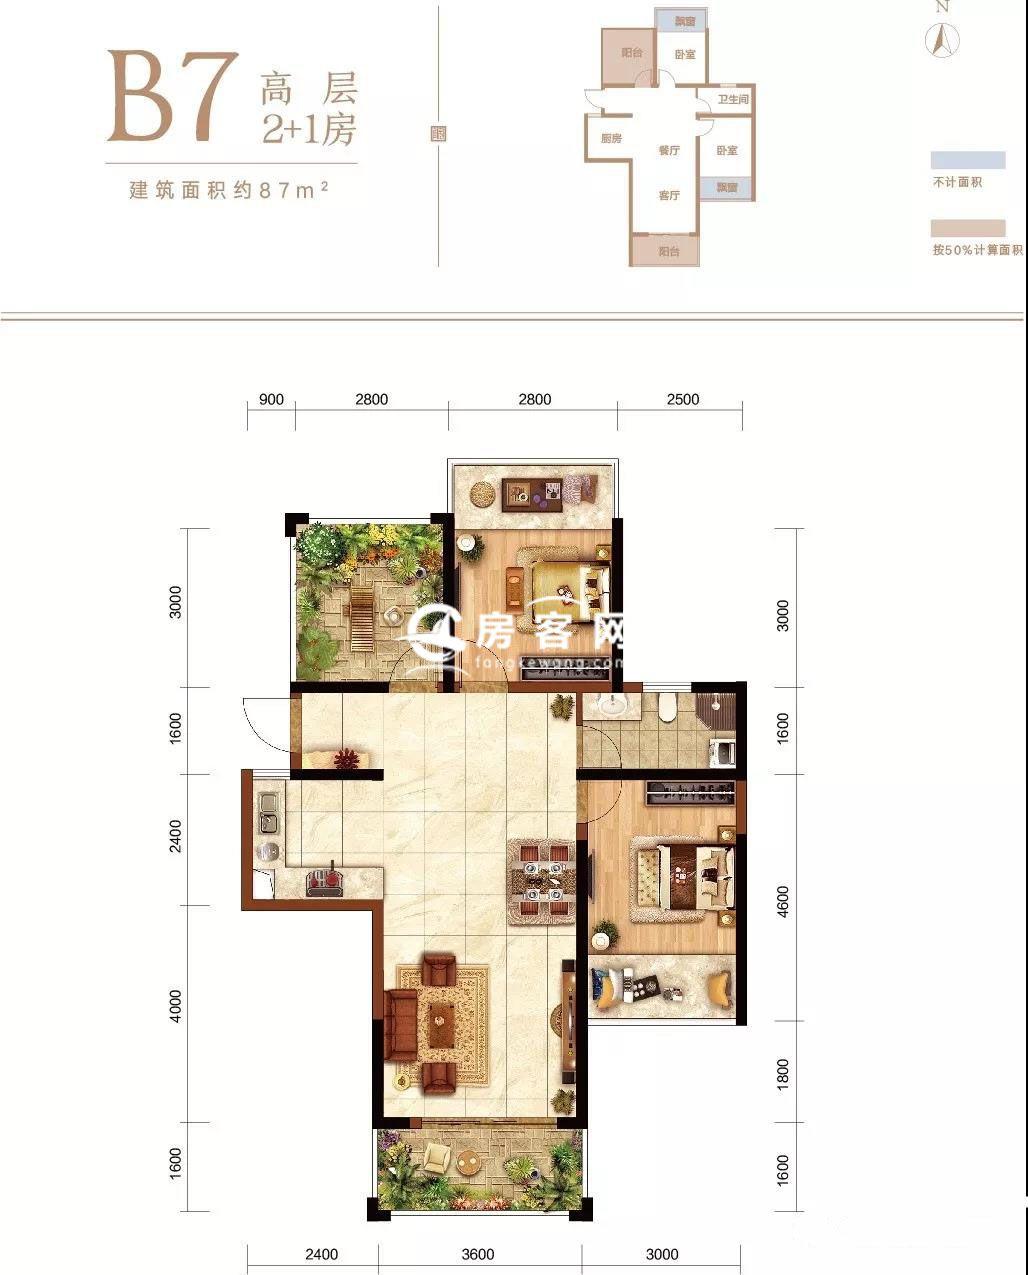 B7高层 2+1房2厅1厨1卫2阳台  建面约87㎡